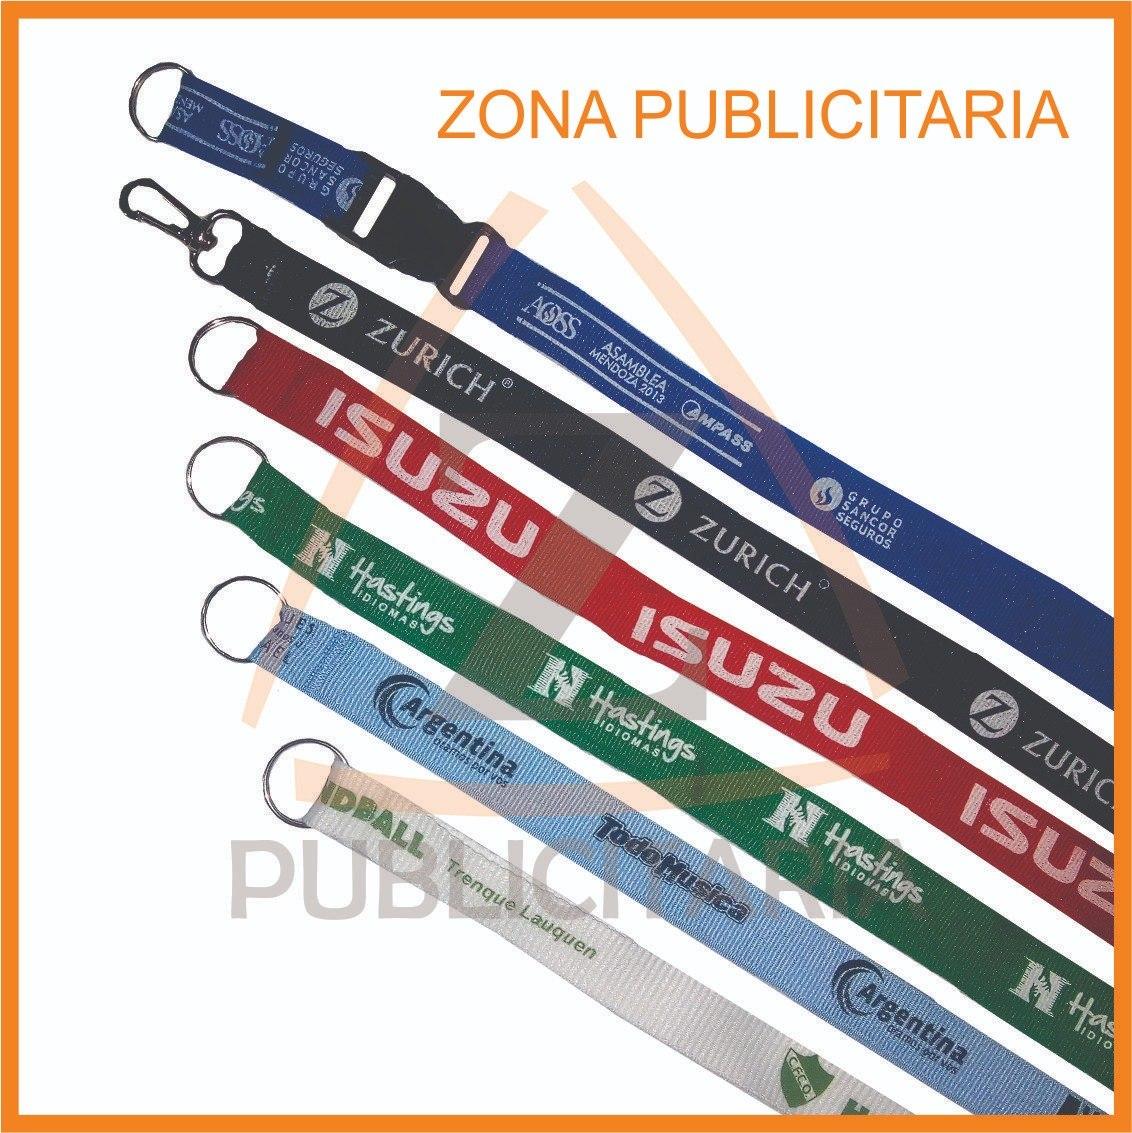 5e29567018 100 Cintas Colgantes Llavero Lanyards Personalizadas - $ 970,00 en ...